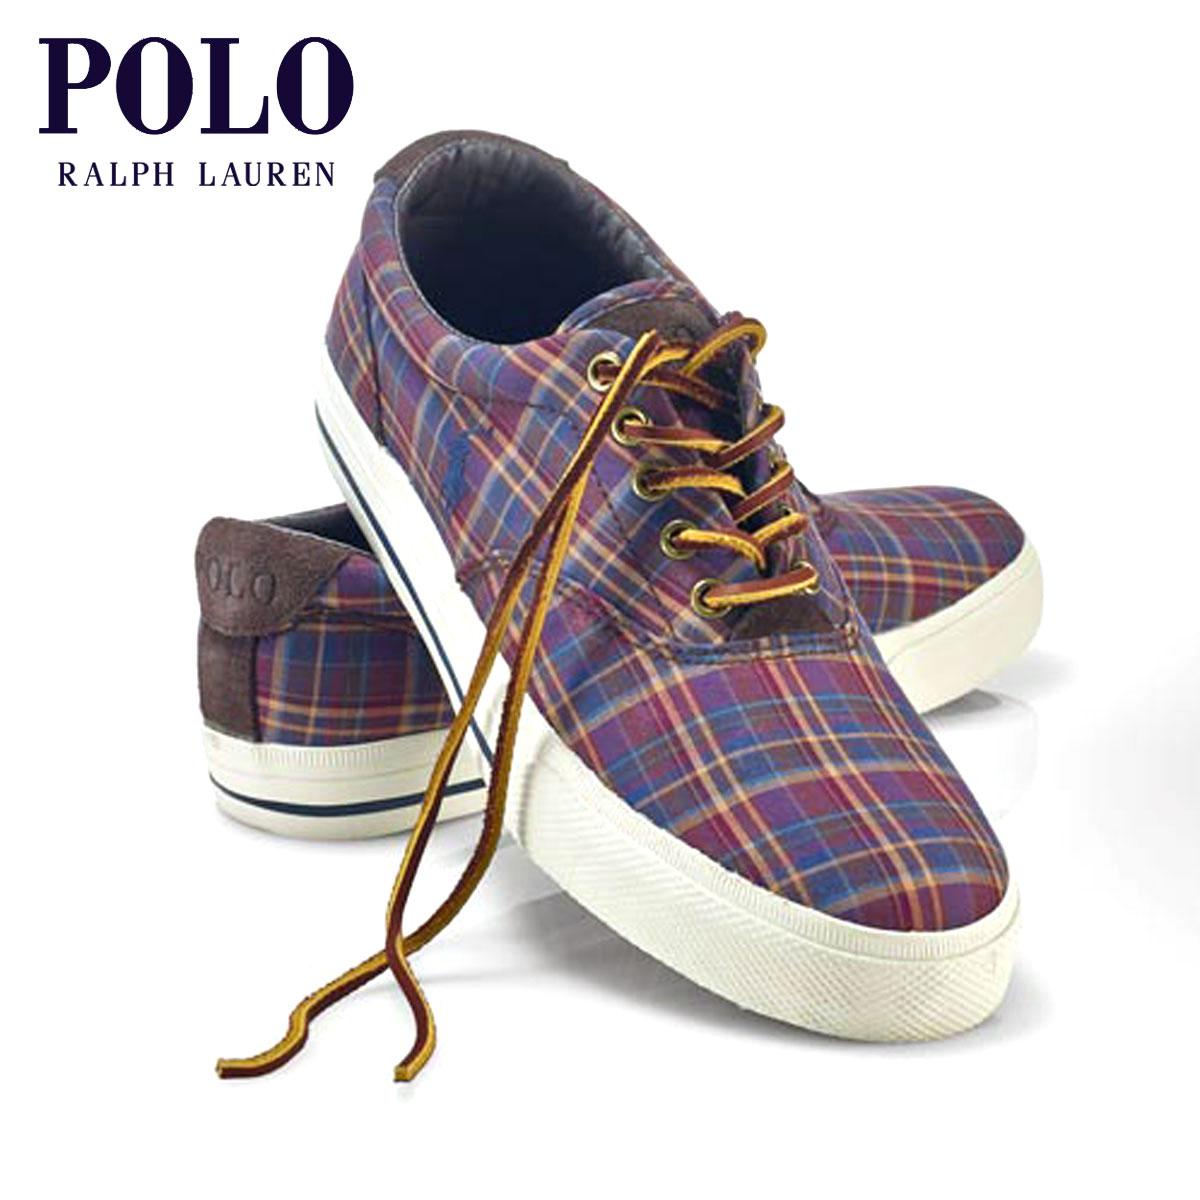 ポロ ラルフローレン POLO RALPH LAUREN 正規品 メンズ 靴 シューズ PLAID TWILL VAUGHN SNEAKER